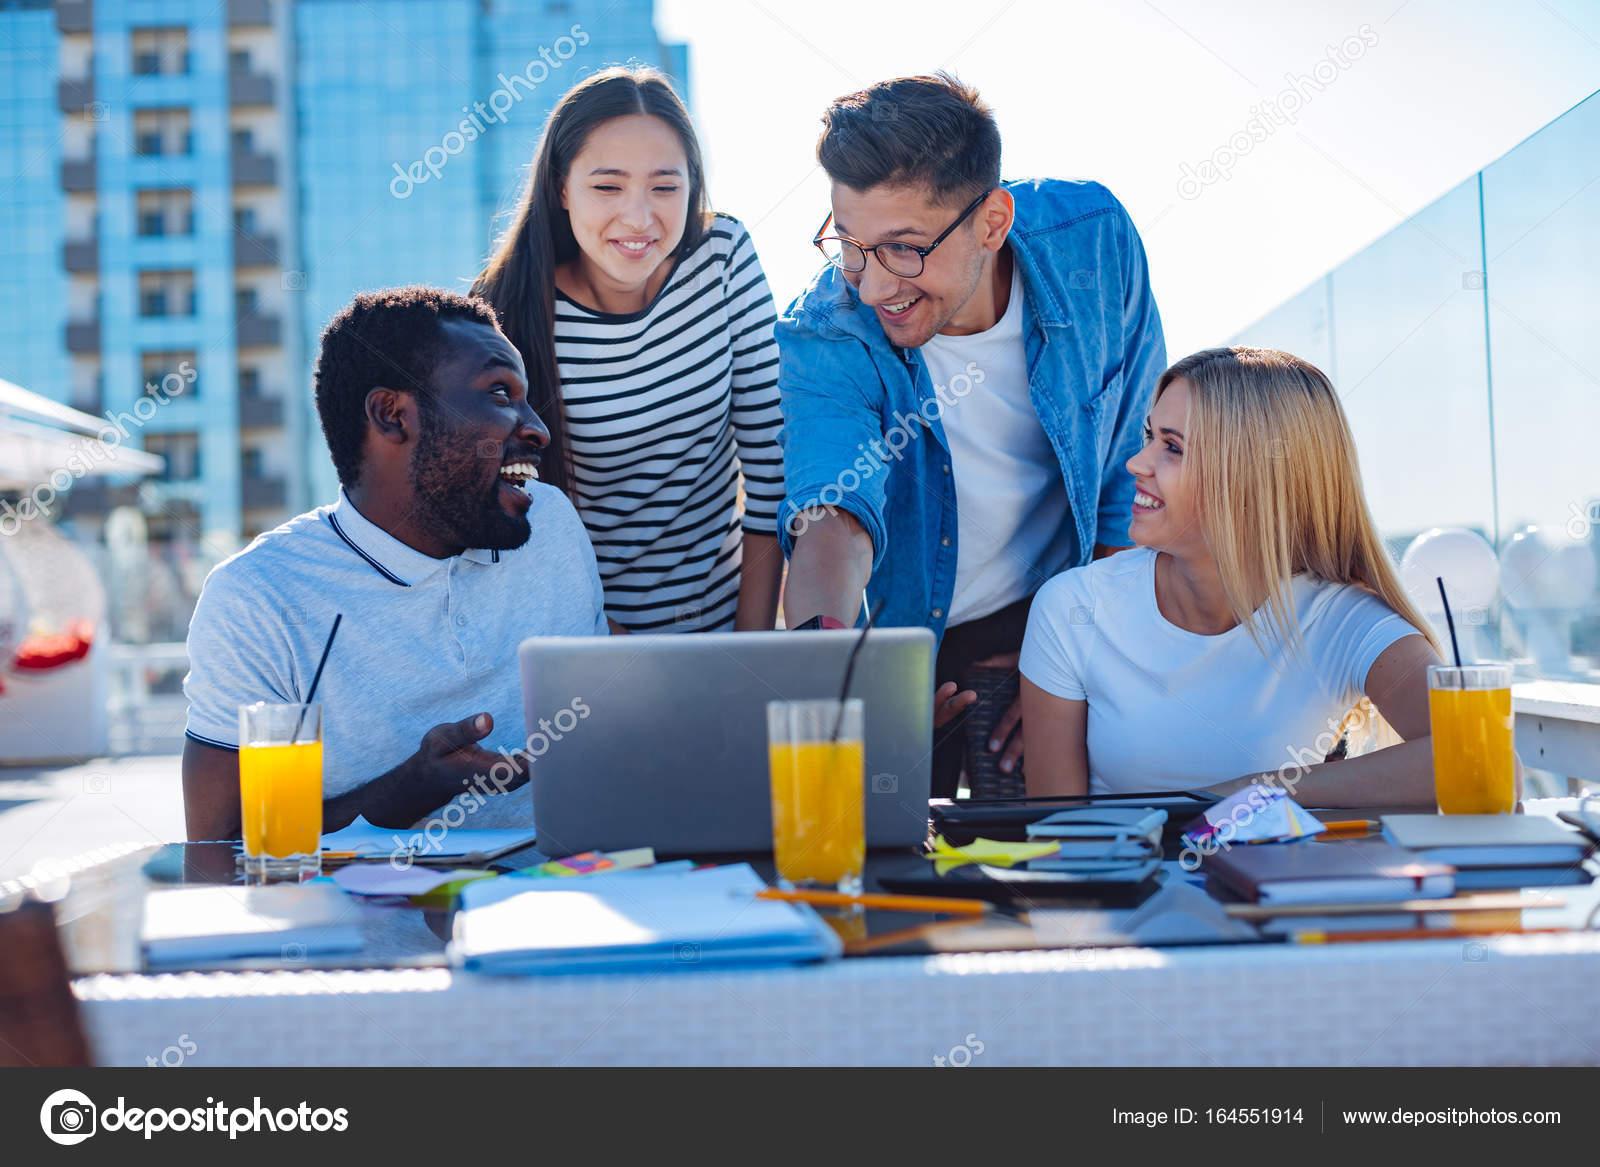 Imagenes De Personas Trabajando En Equipo: Imágenes: Personas Preguntando Algo